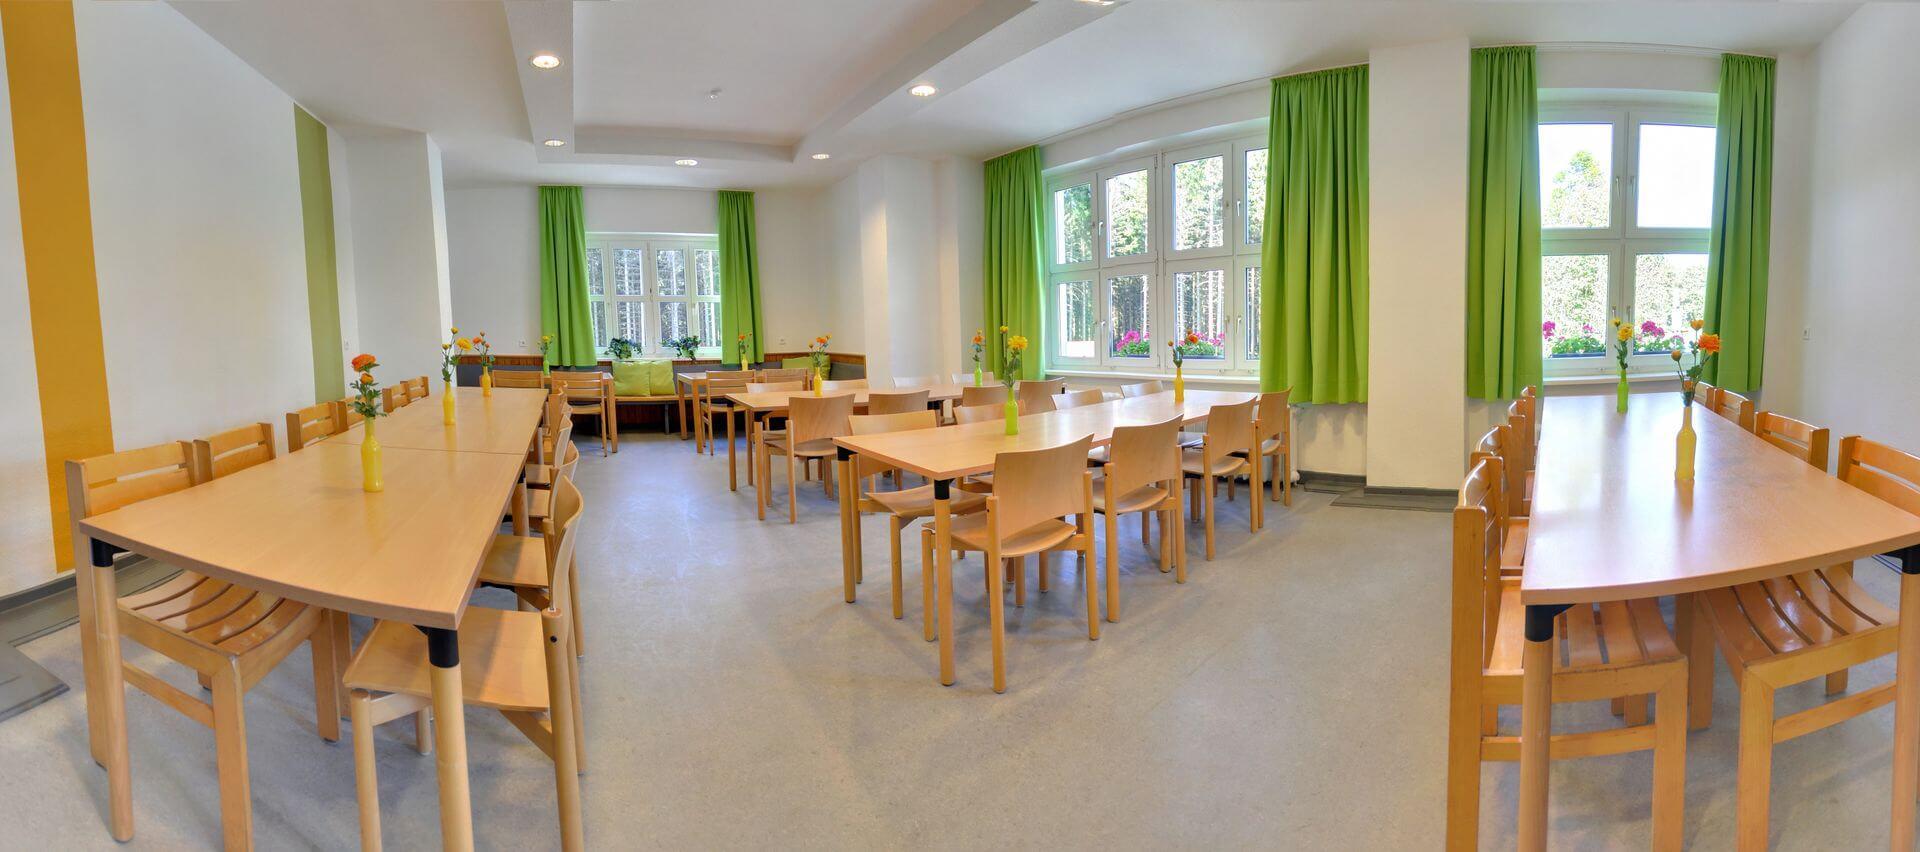 Speiseraum und Gruppenraum im Hostel Erlebnisberg Kappe in Winterberg